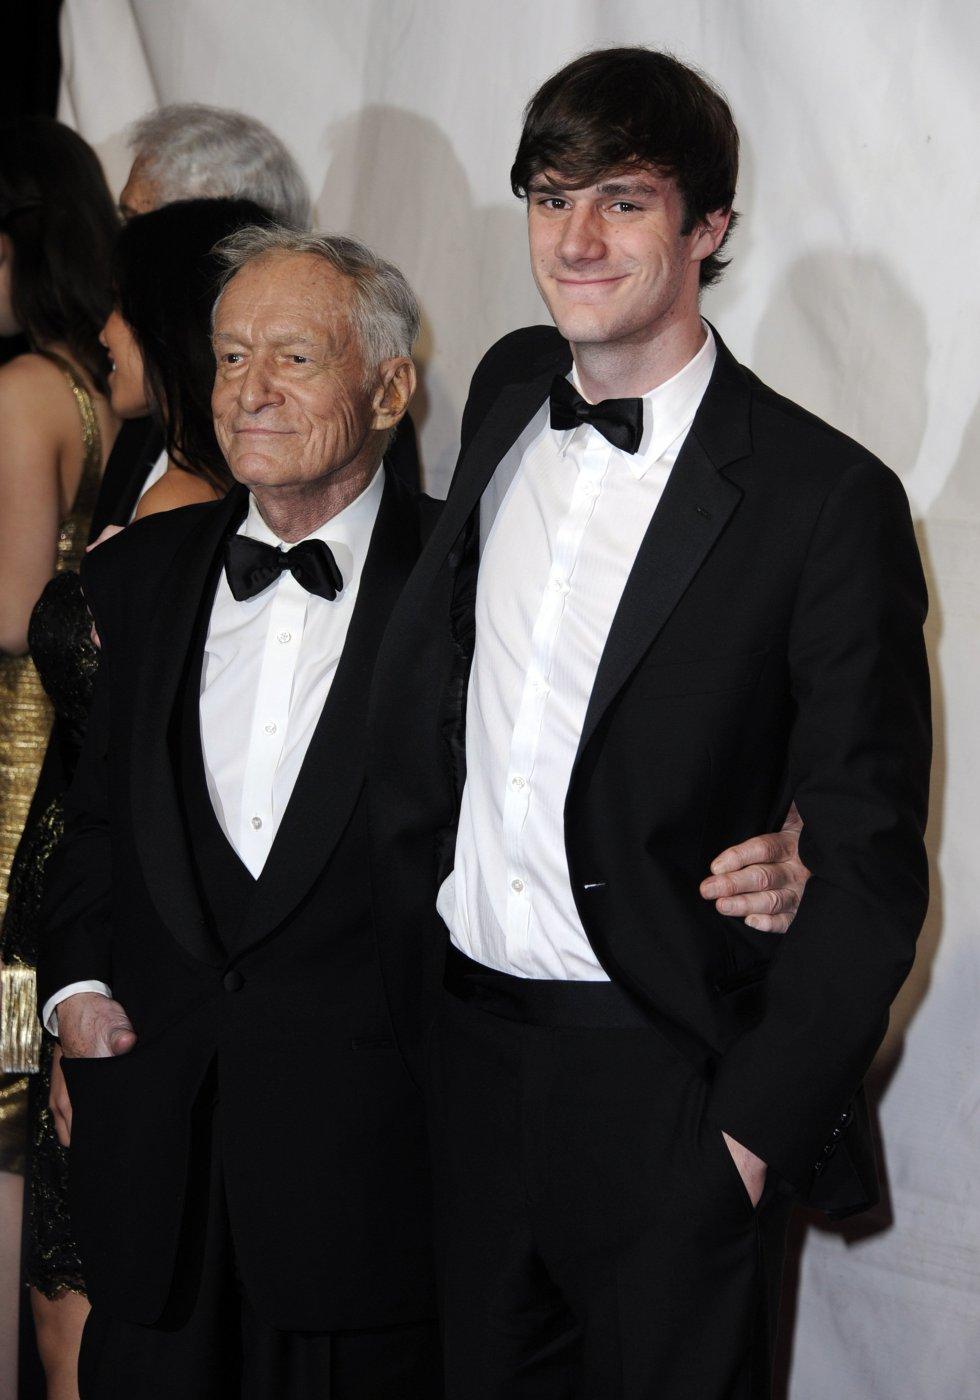 Hugh Hefner junto a su hijo Cooper Hefner a su llegada a la gala MusiCares Persona del Año 2017, en honor a Paul McCartney, en Los Ángeles, Estados Unidos.